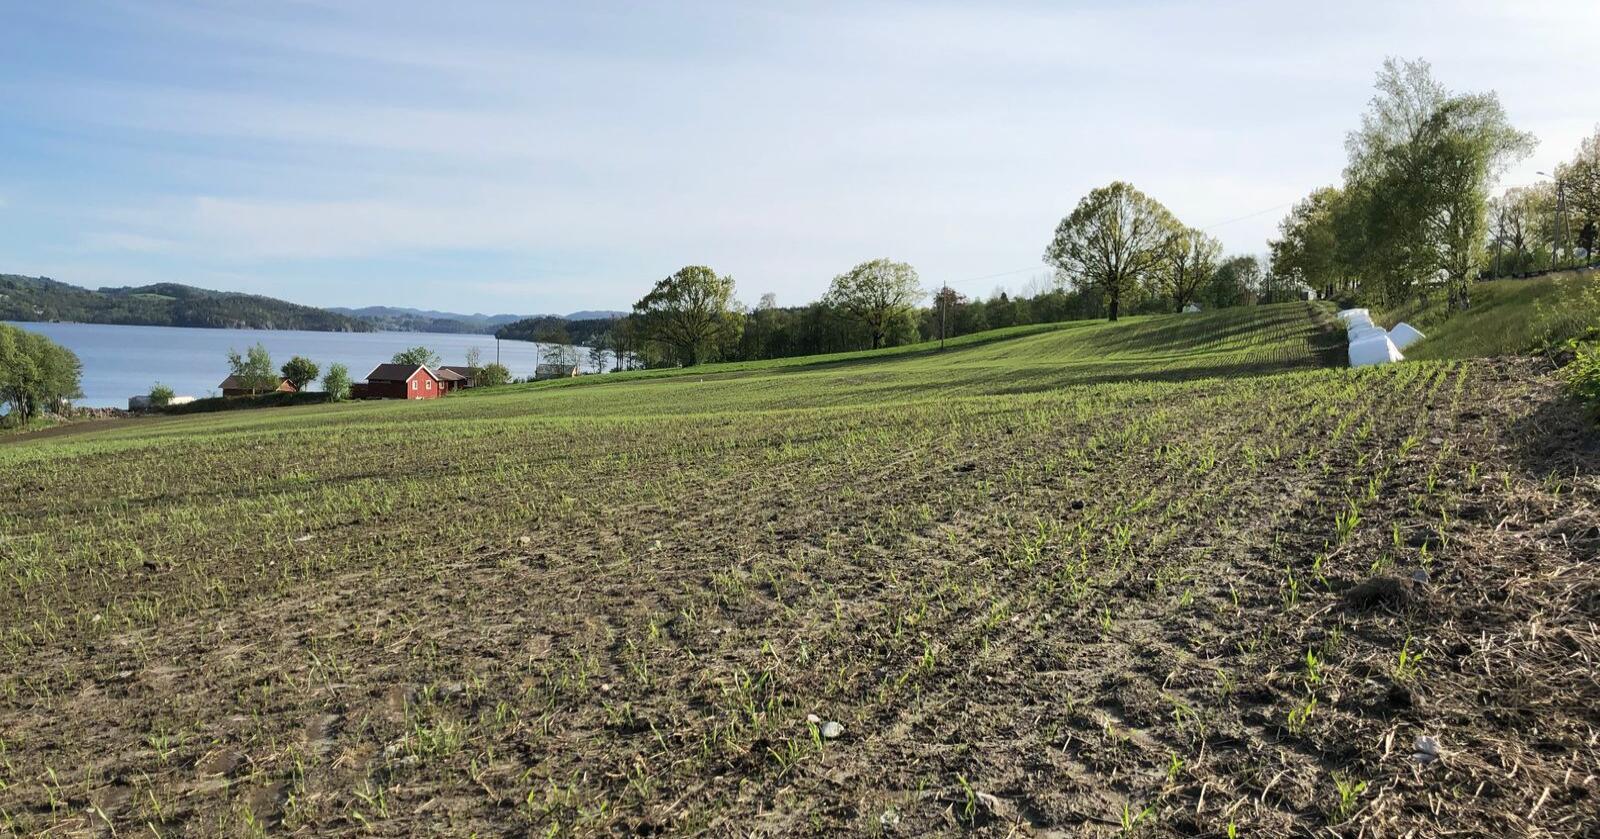 – Det er viktig å tilby gode veiledere, som blant annet kan bidra til å redusere nedbyggingen av matjord, påpeker landbruks- og matminister Olaug Bollestad (KrF). Her sees kulturlandskap i Vindafjord kommune. Foto: Karl Erik Berge